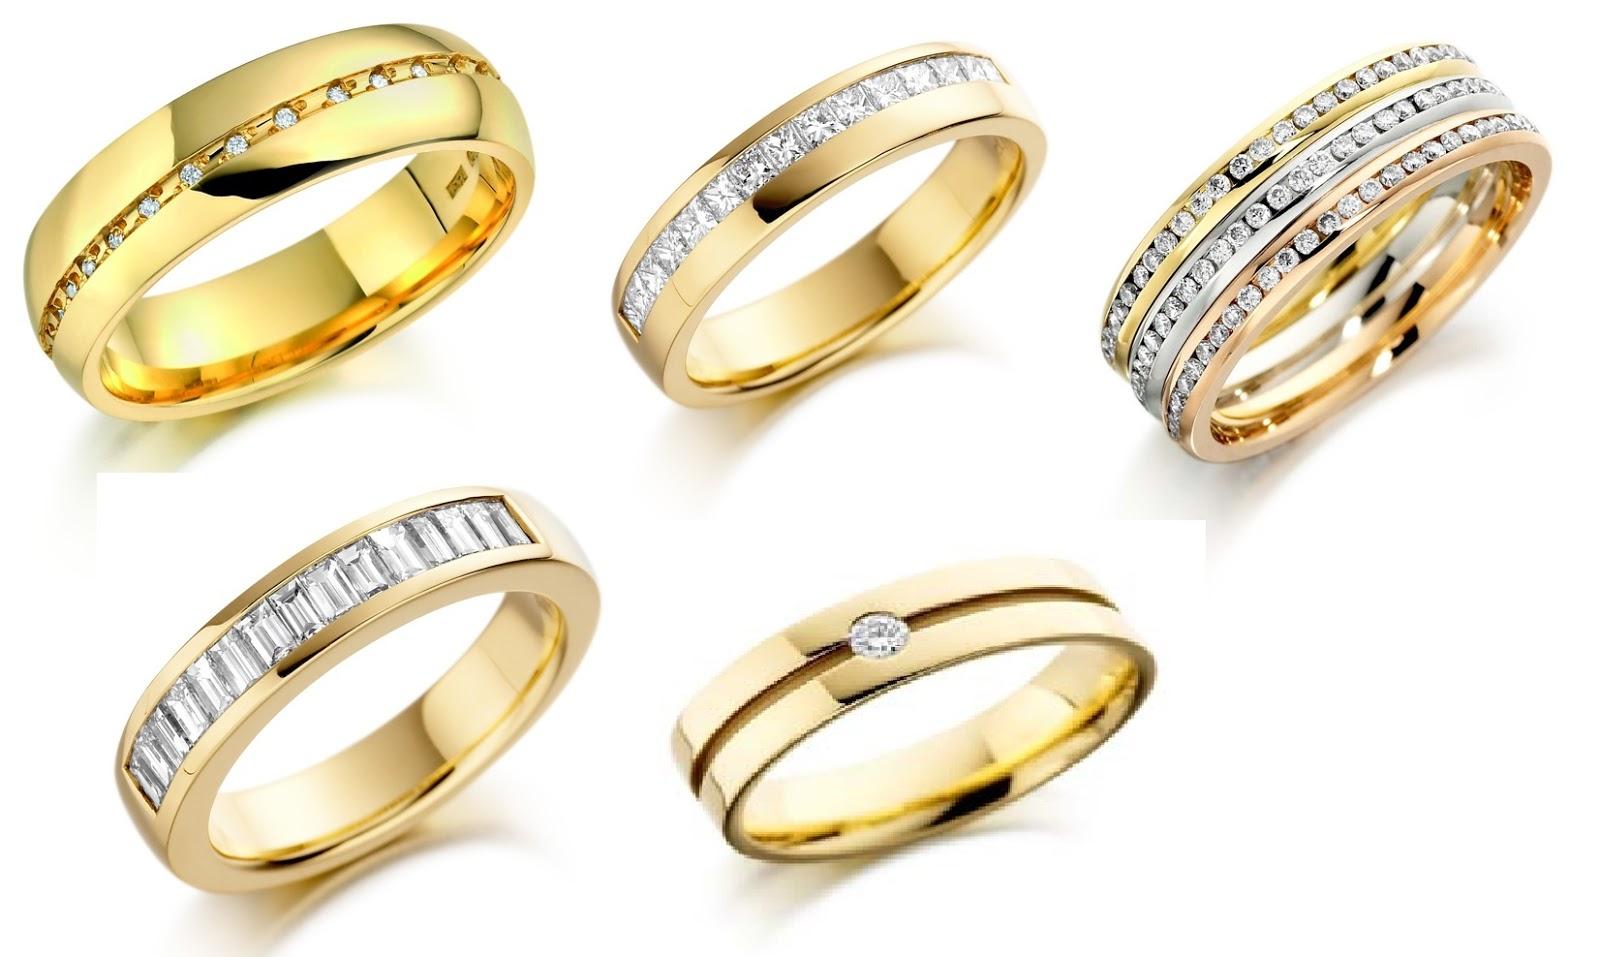 inele frumoase de aur